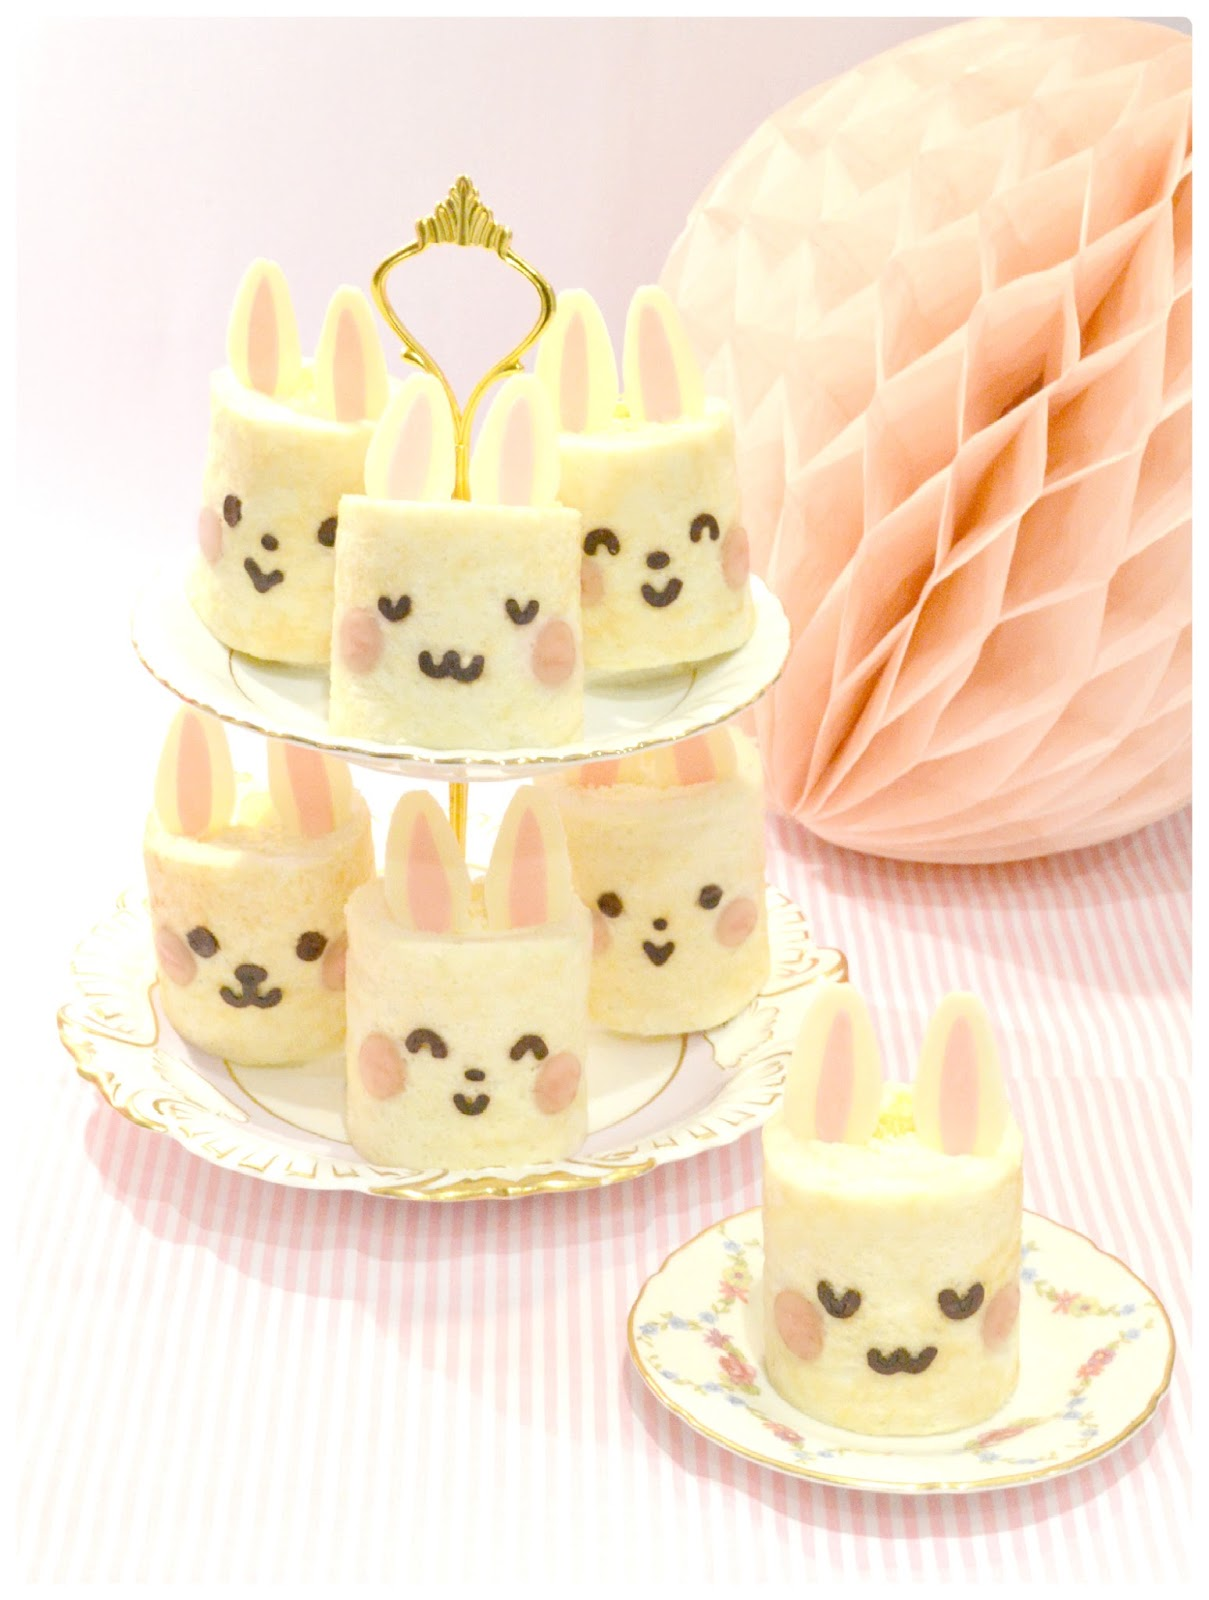 Cherie Kelly's Bunny Deco Japanese Sponge Roll Cake